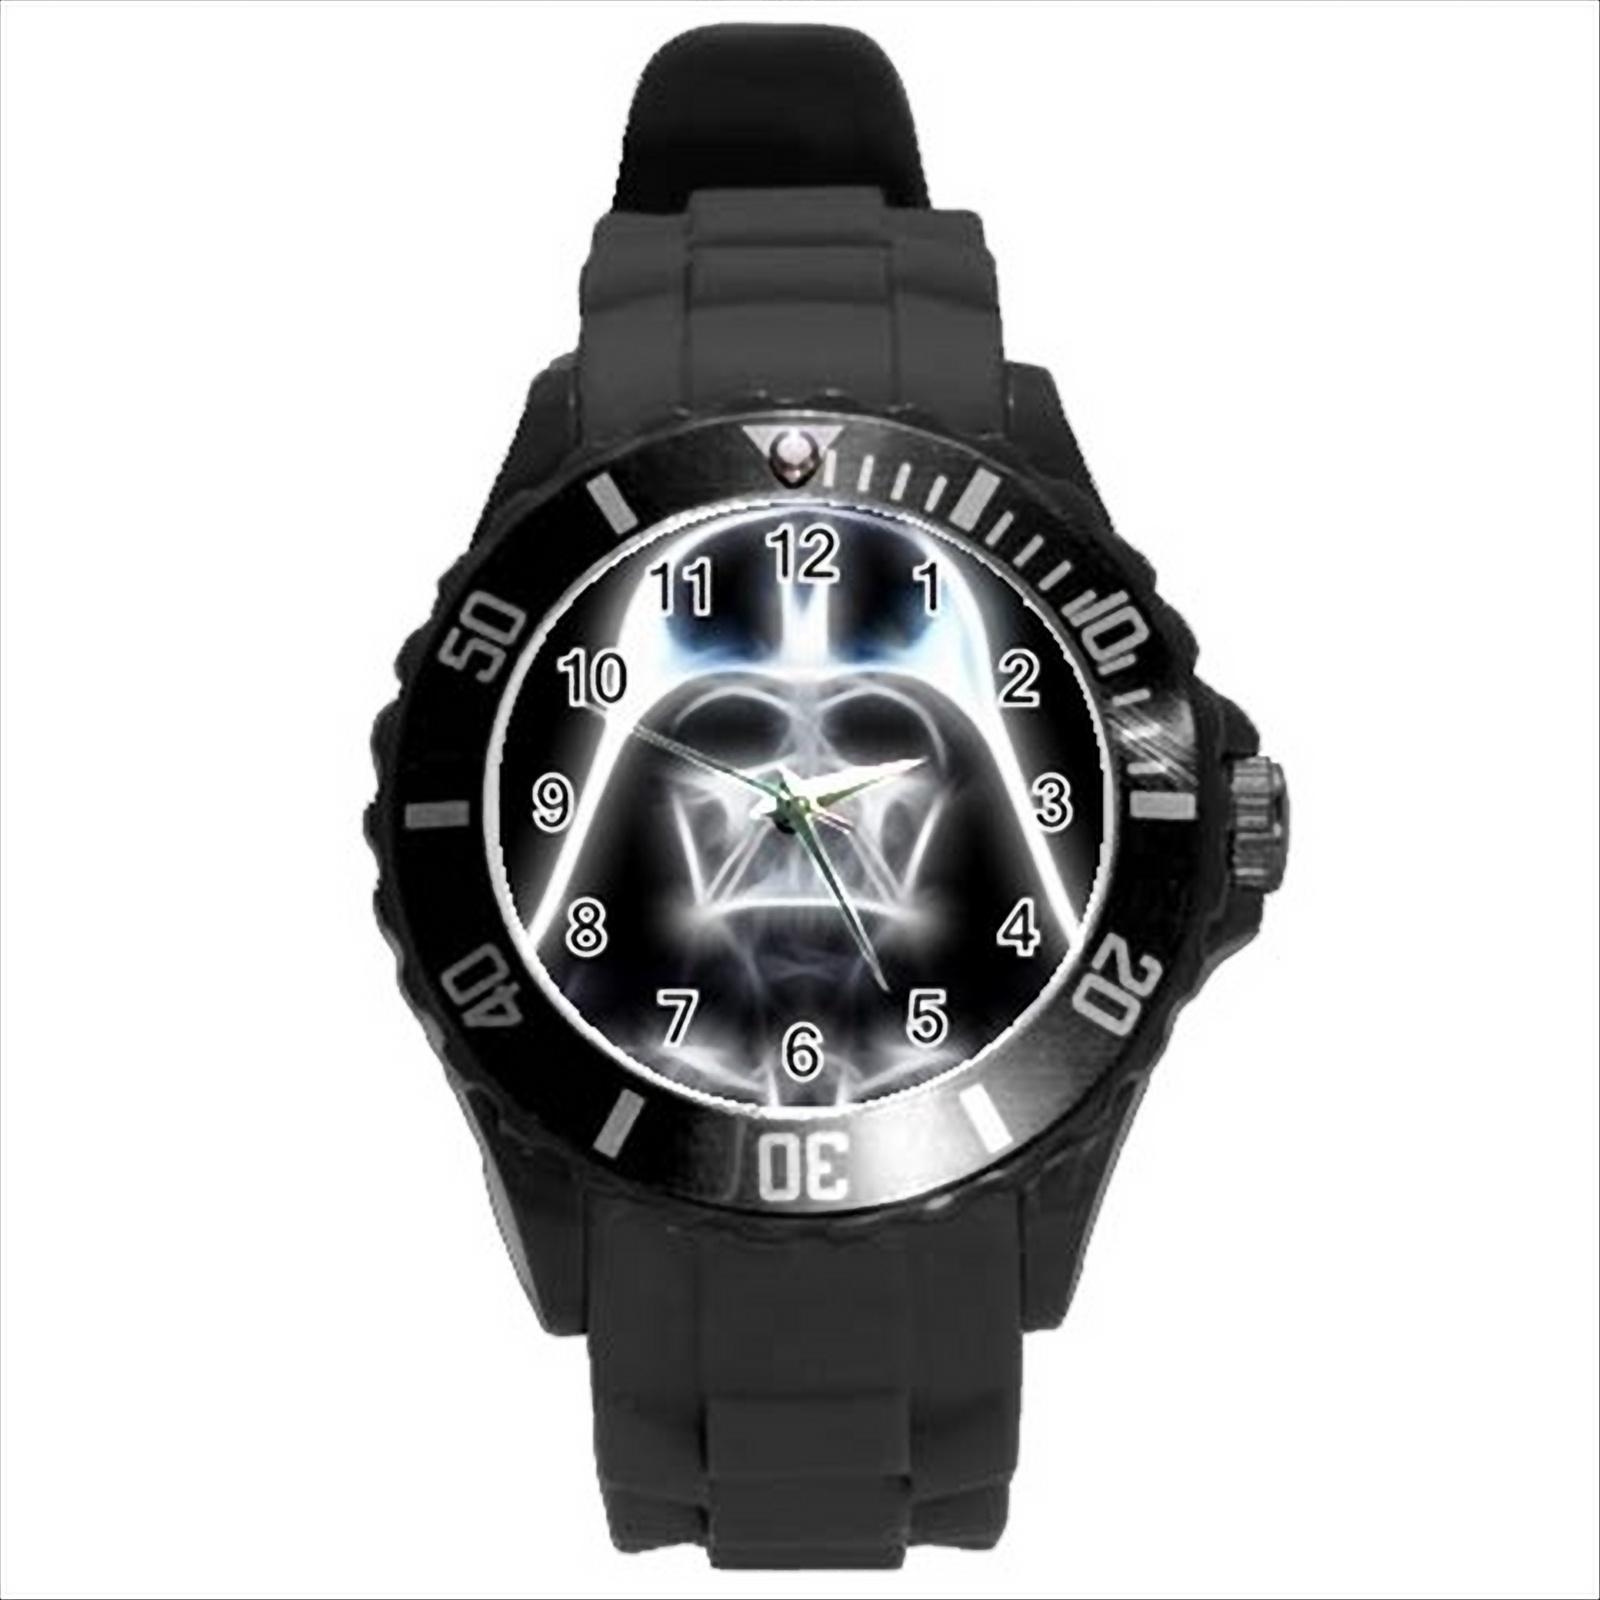 New hot darth vader star wars black round sport wrist watch gift